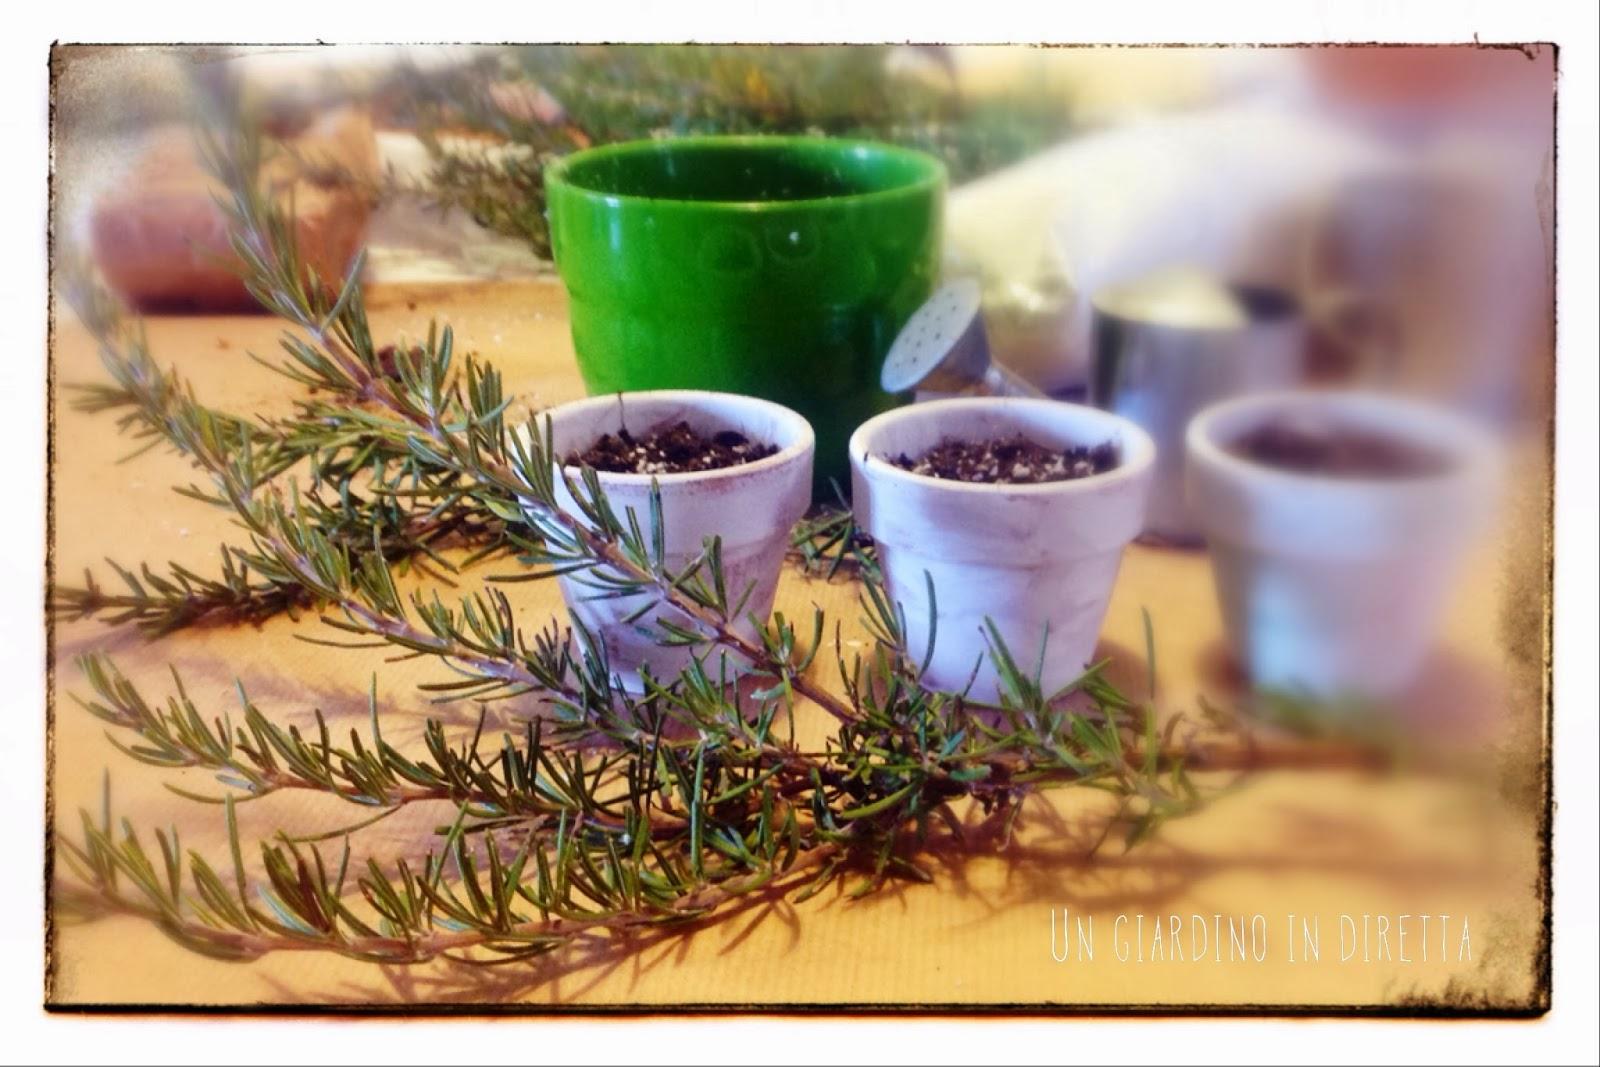 Quando Posso Potare Il Rosmarino piccoli alberi di rosmarino per un natale al verde - un